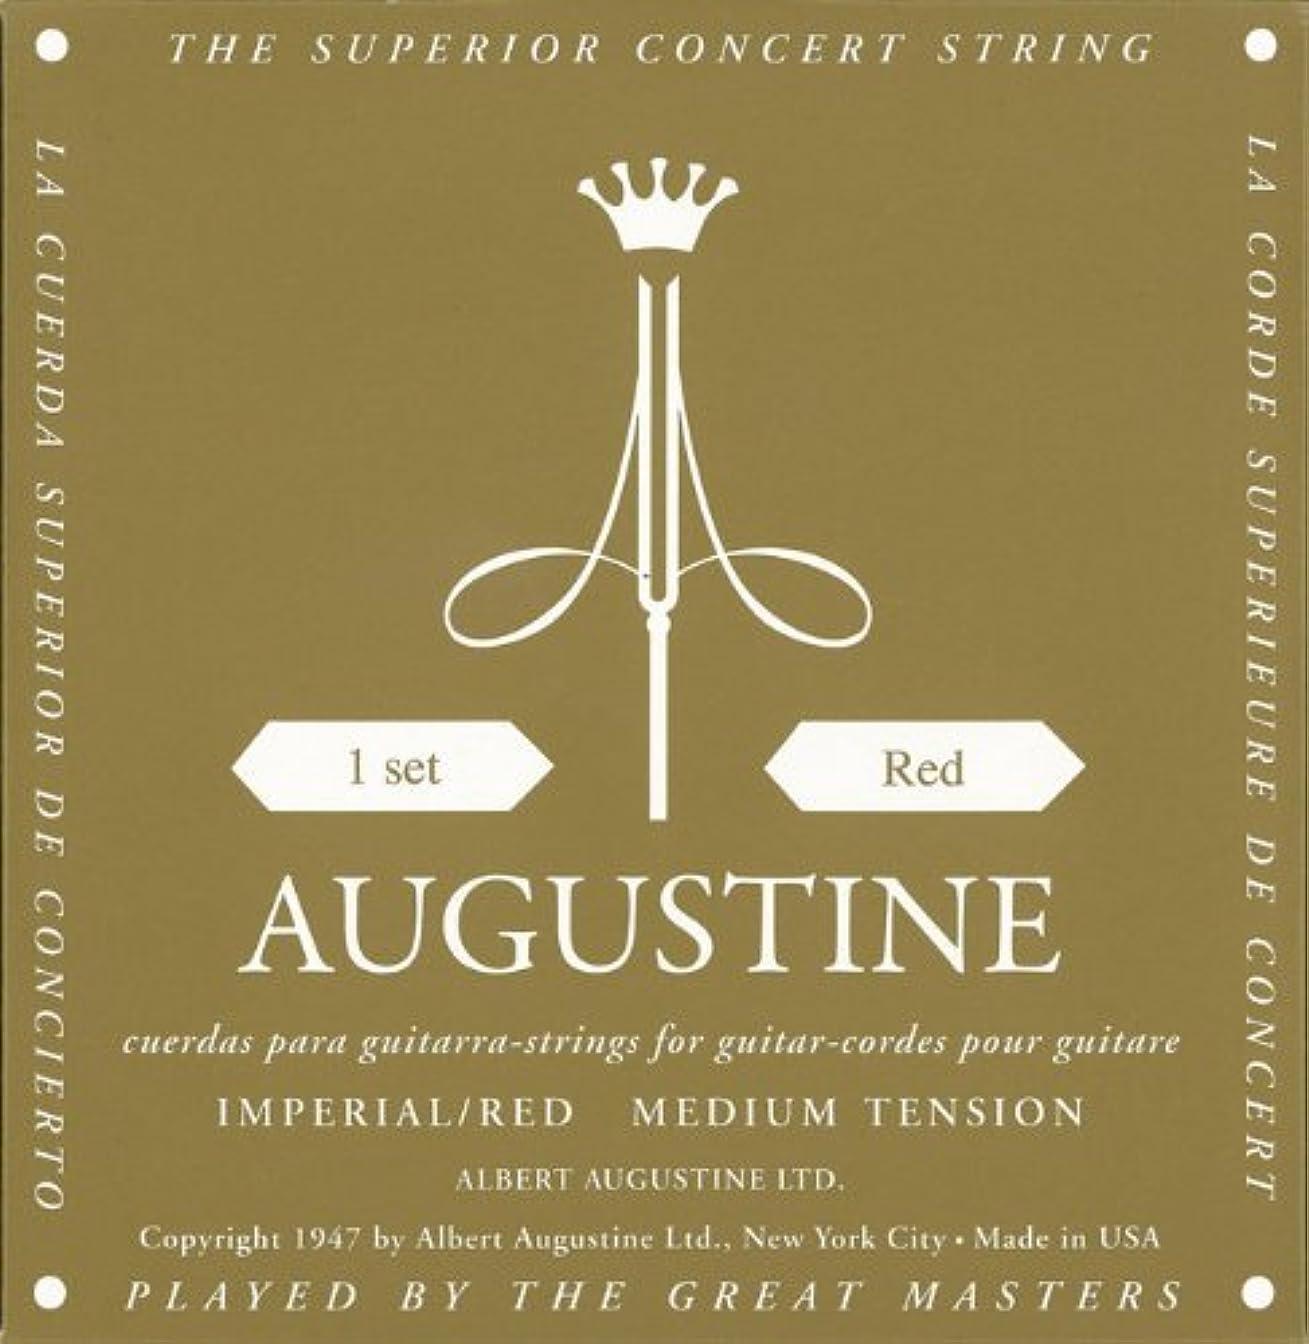 刑務所優れました翻訳者AUGUSTINE IMPERIAL/RED×1セット オーガスチン インペリアル レッド クラシックギター弦